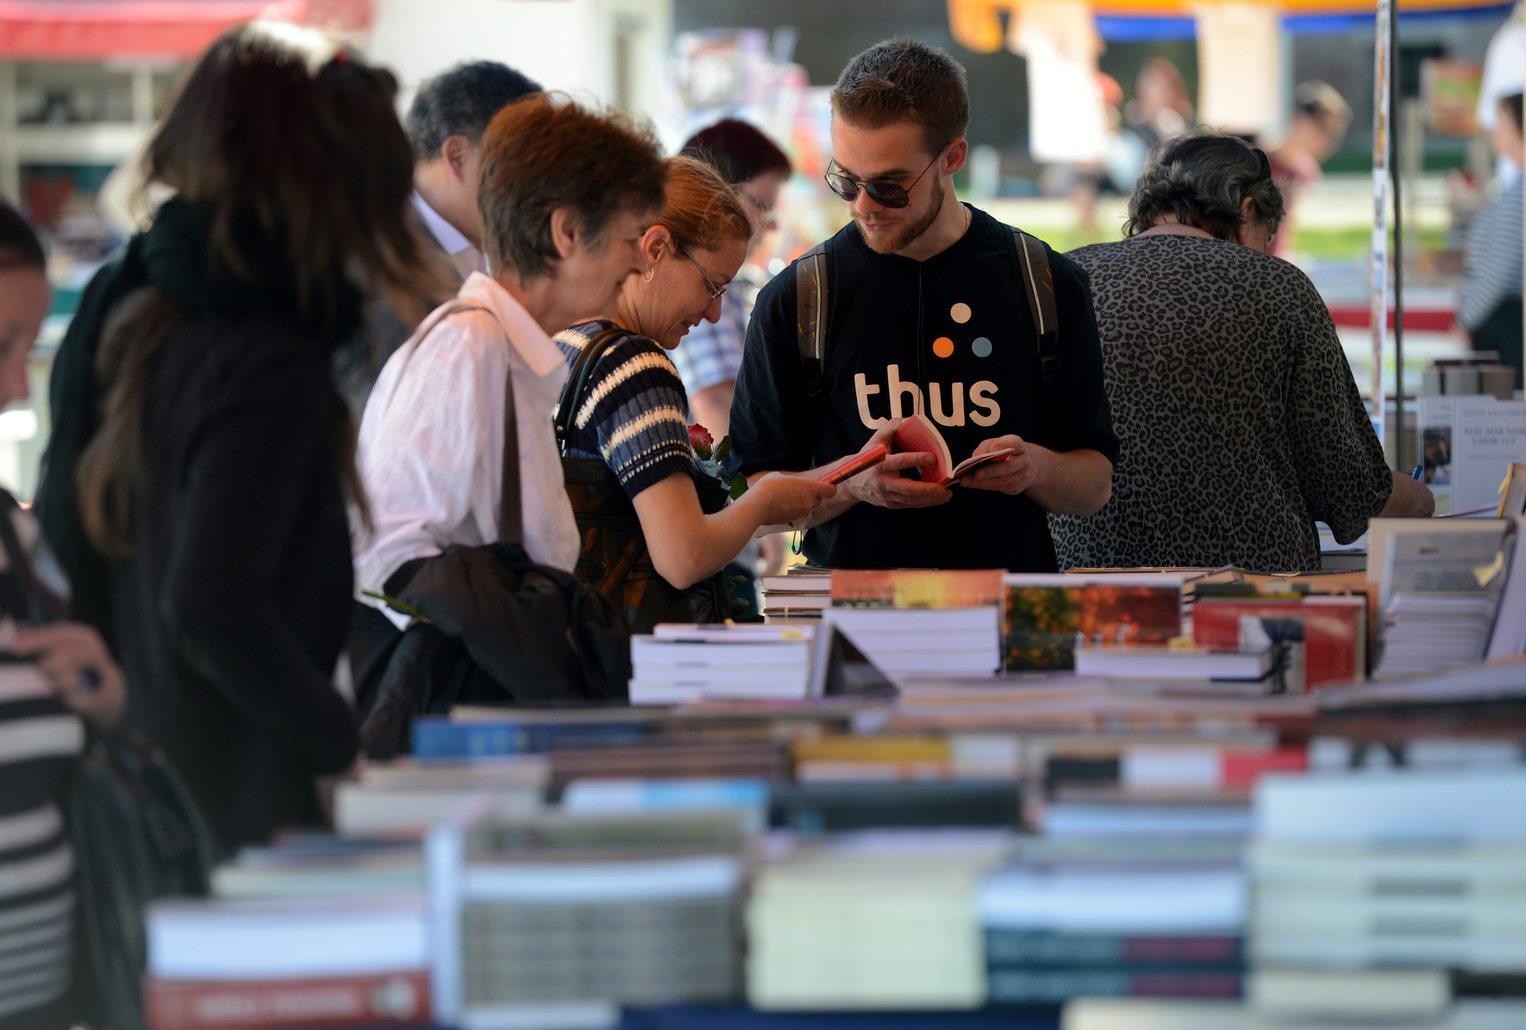 Érdeklődők a XX. Budapesti Nemzetközi Könyvfesztivál nyitónapján a Millenárison 2013. április 18-án. A több mint 300 programot kínáló rendezvényen mintegy 50 ezer kiadvánnyal, köztük 300-nál is több újdonsággal találkozhatnak a látogatók 2013. április 21-ig. MTI Fotó: Kovács Tamás